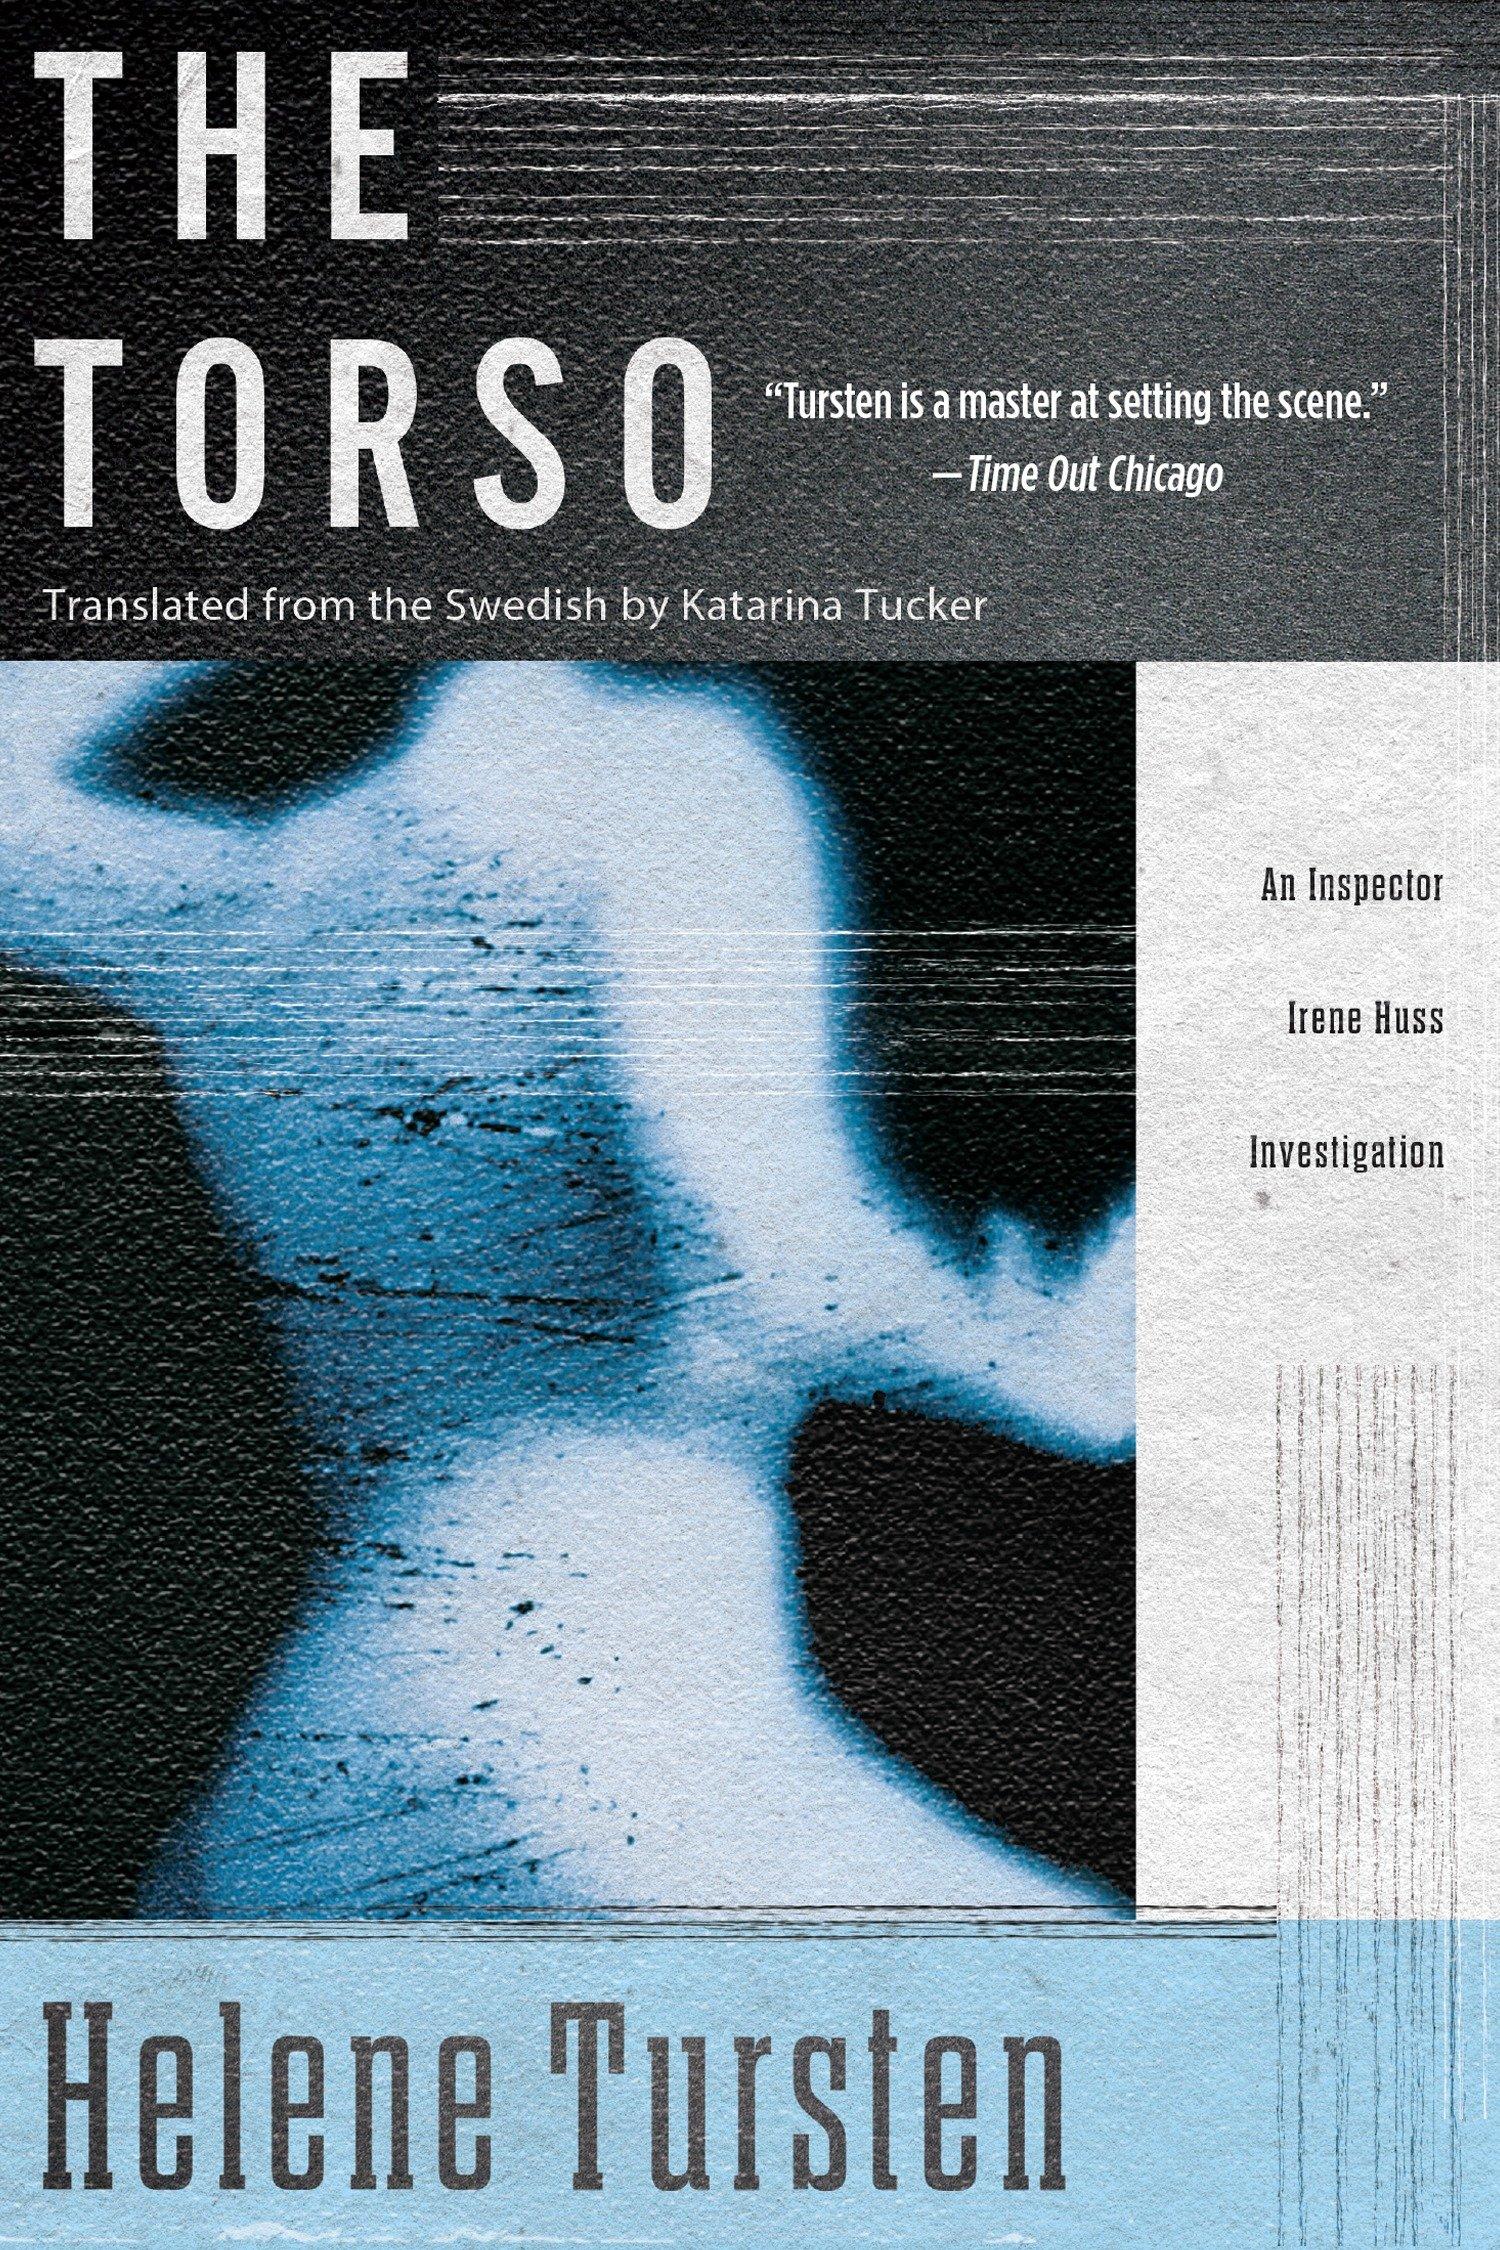 The torso cover image